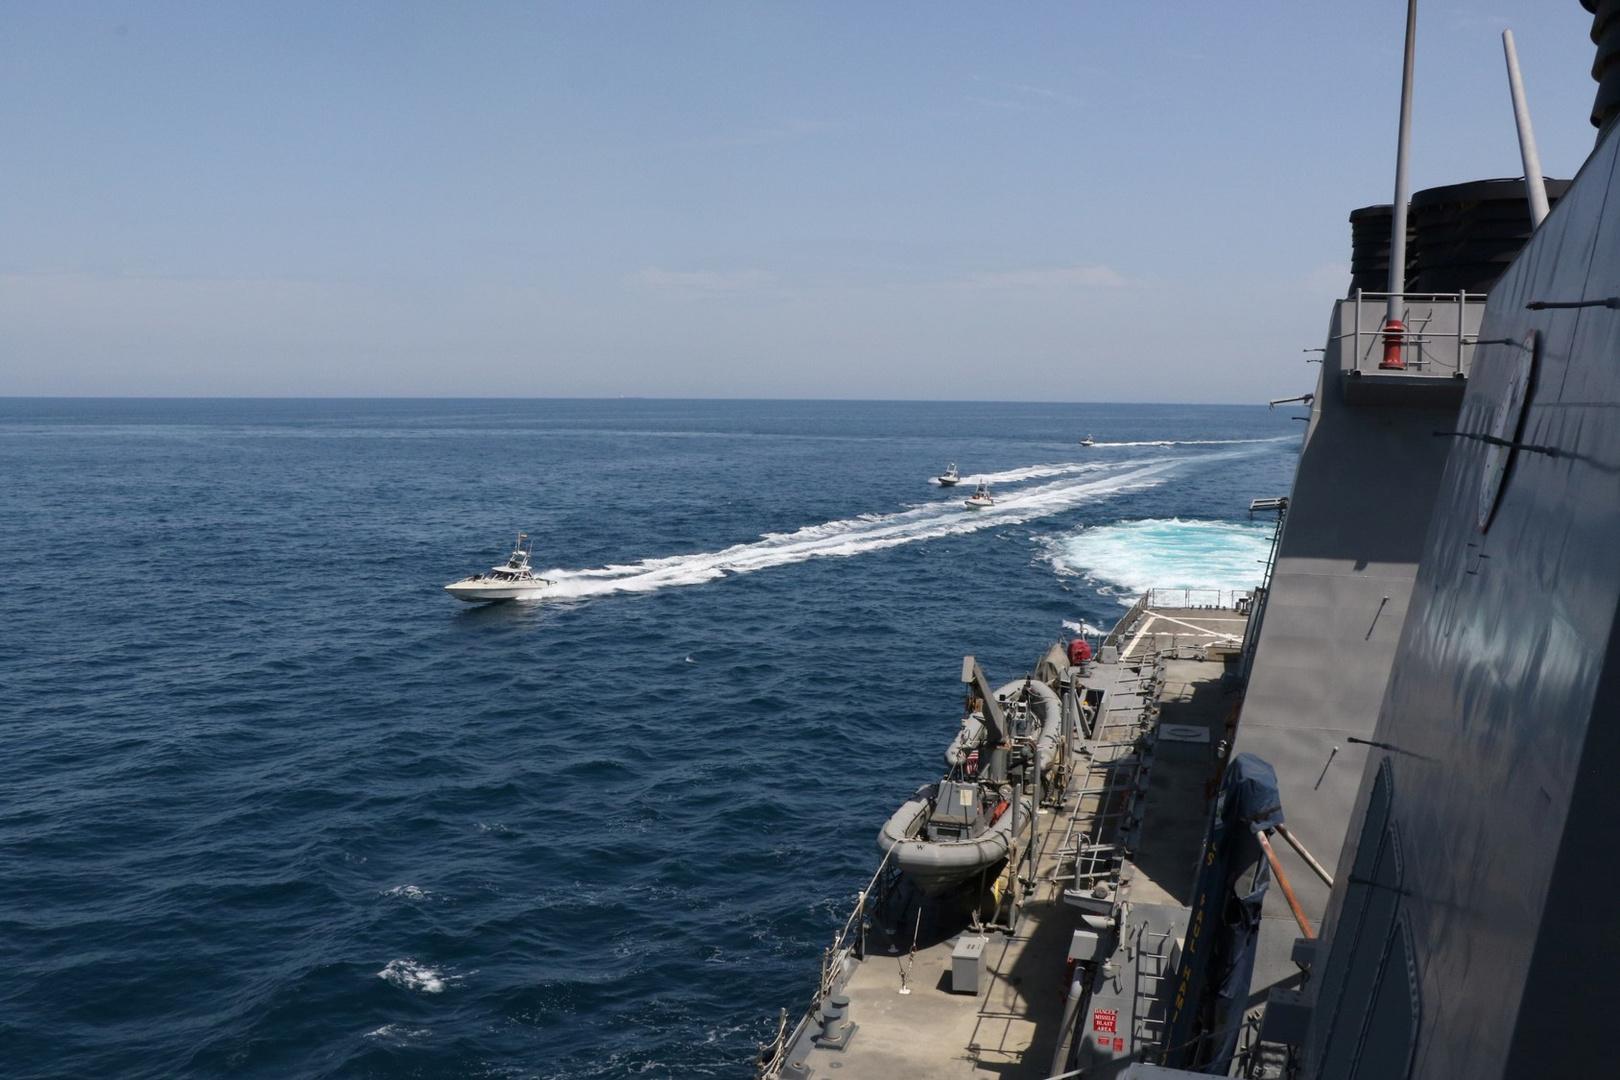 الحرس الثوري الإيراني يعلن إطلاق عيارات تحذيرية ضد سفن أمريكية في مضيق هرمز